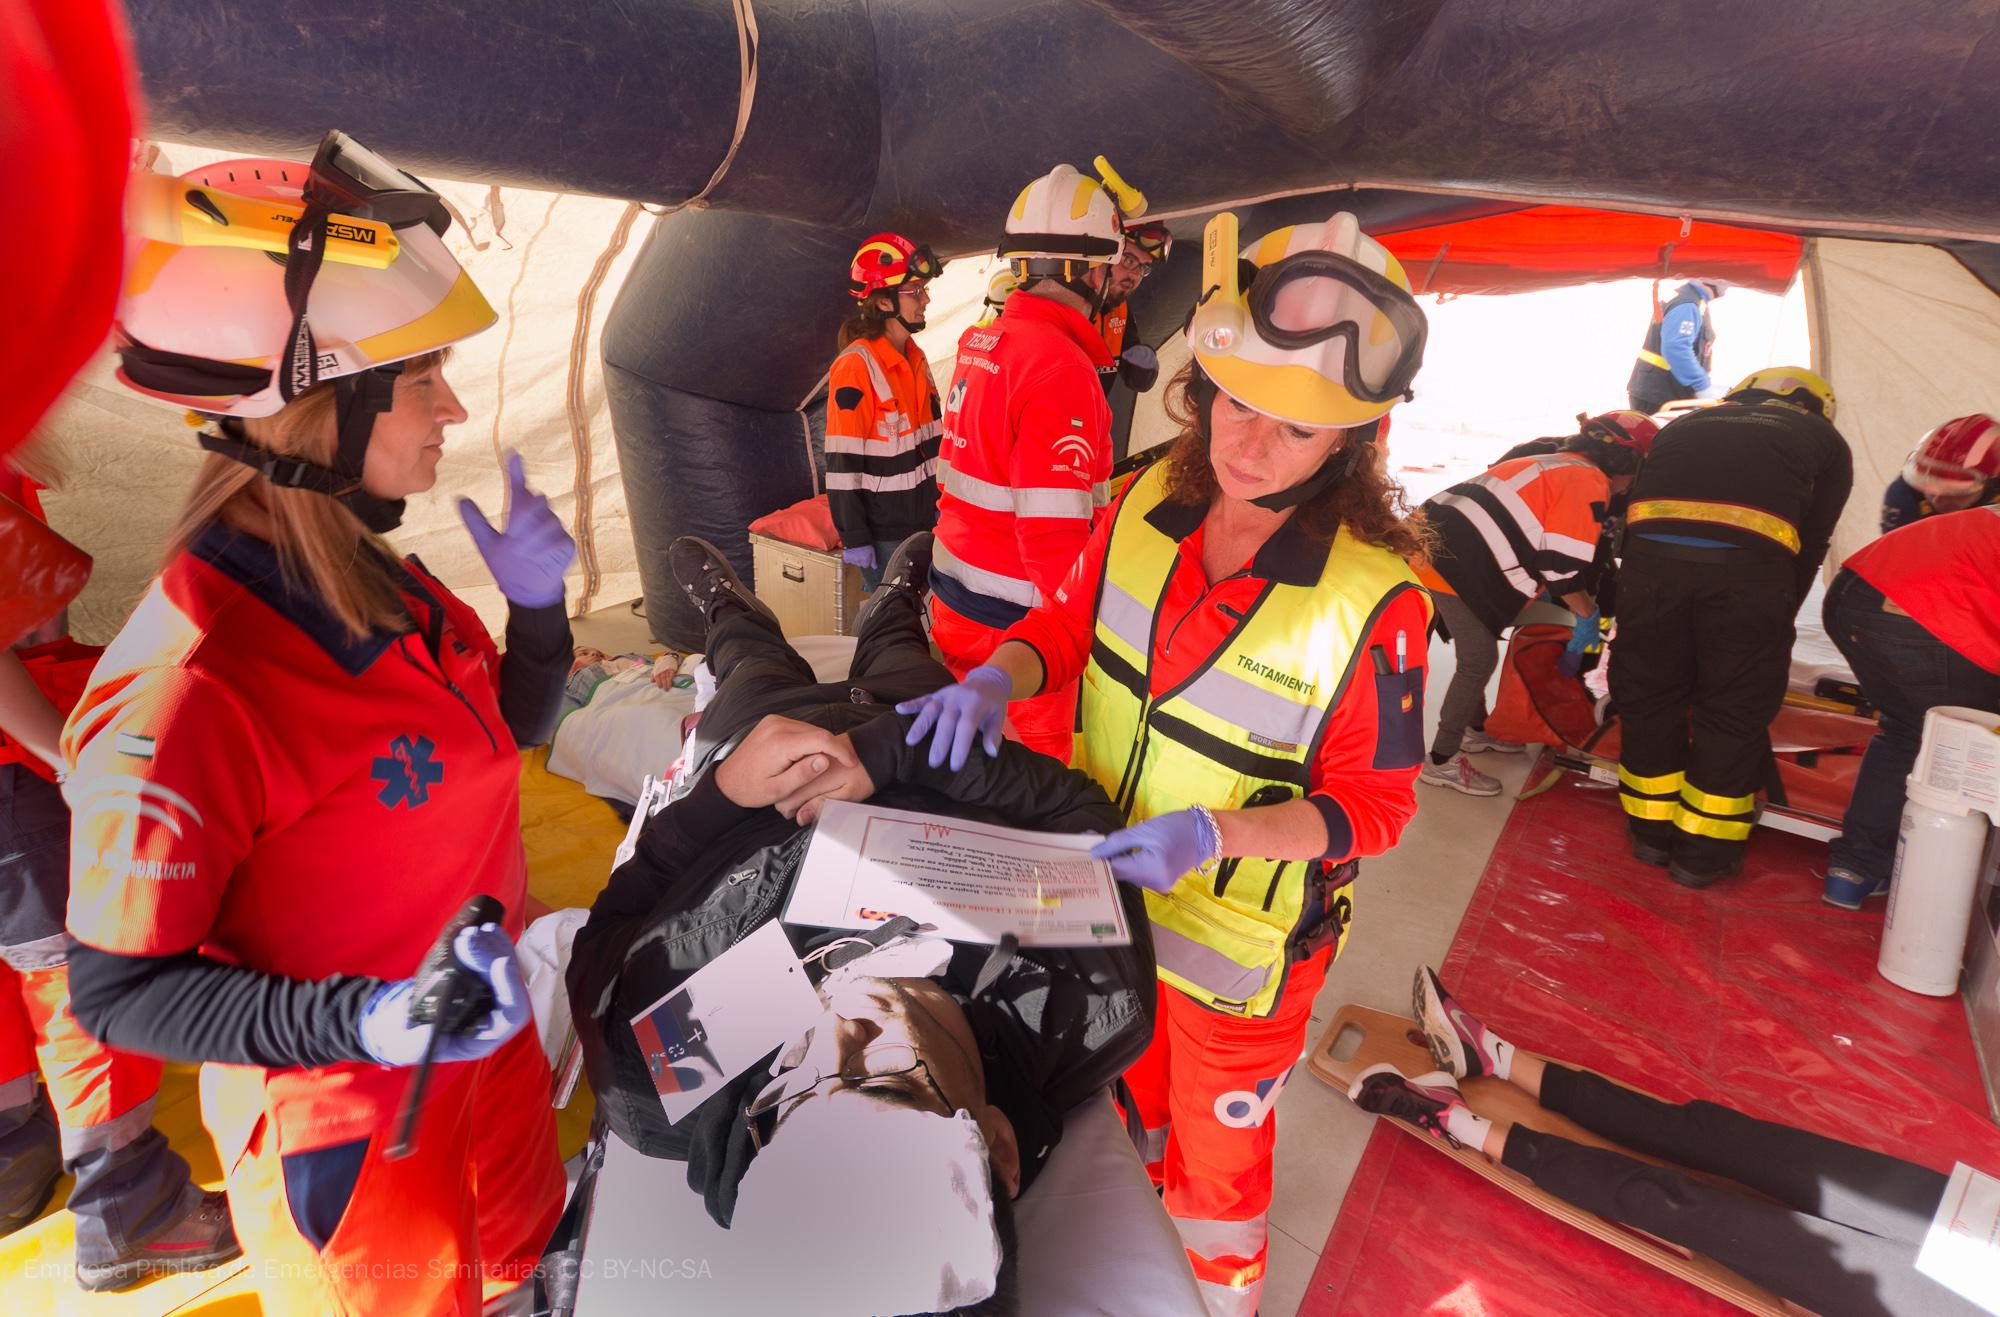 El 061 alcanza los máximos estándares internacionales en prevención de riesgos laborales